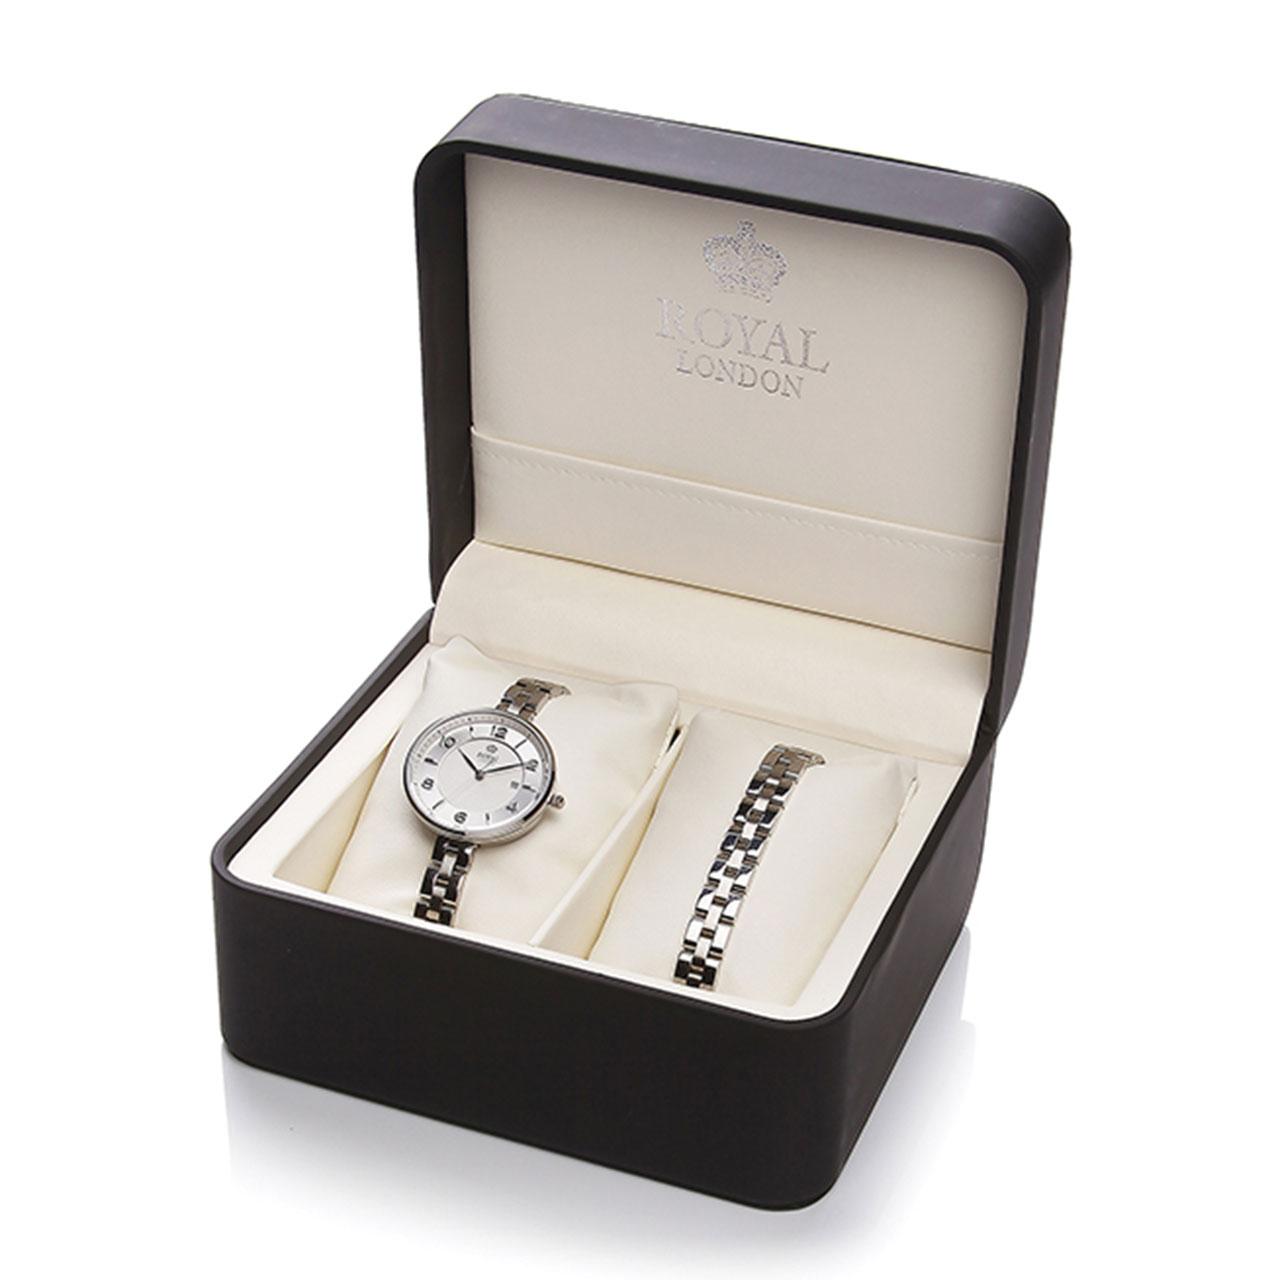 ساعت مچی عقربه ای زنانه رویال لندن مدل RL-21332-04 55